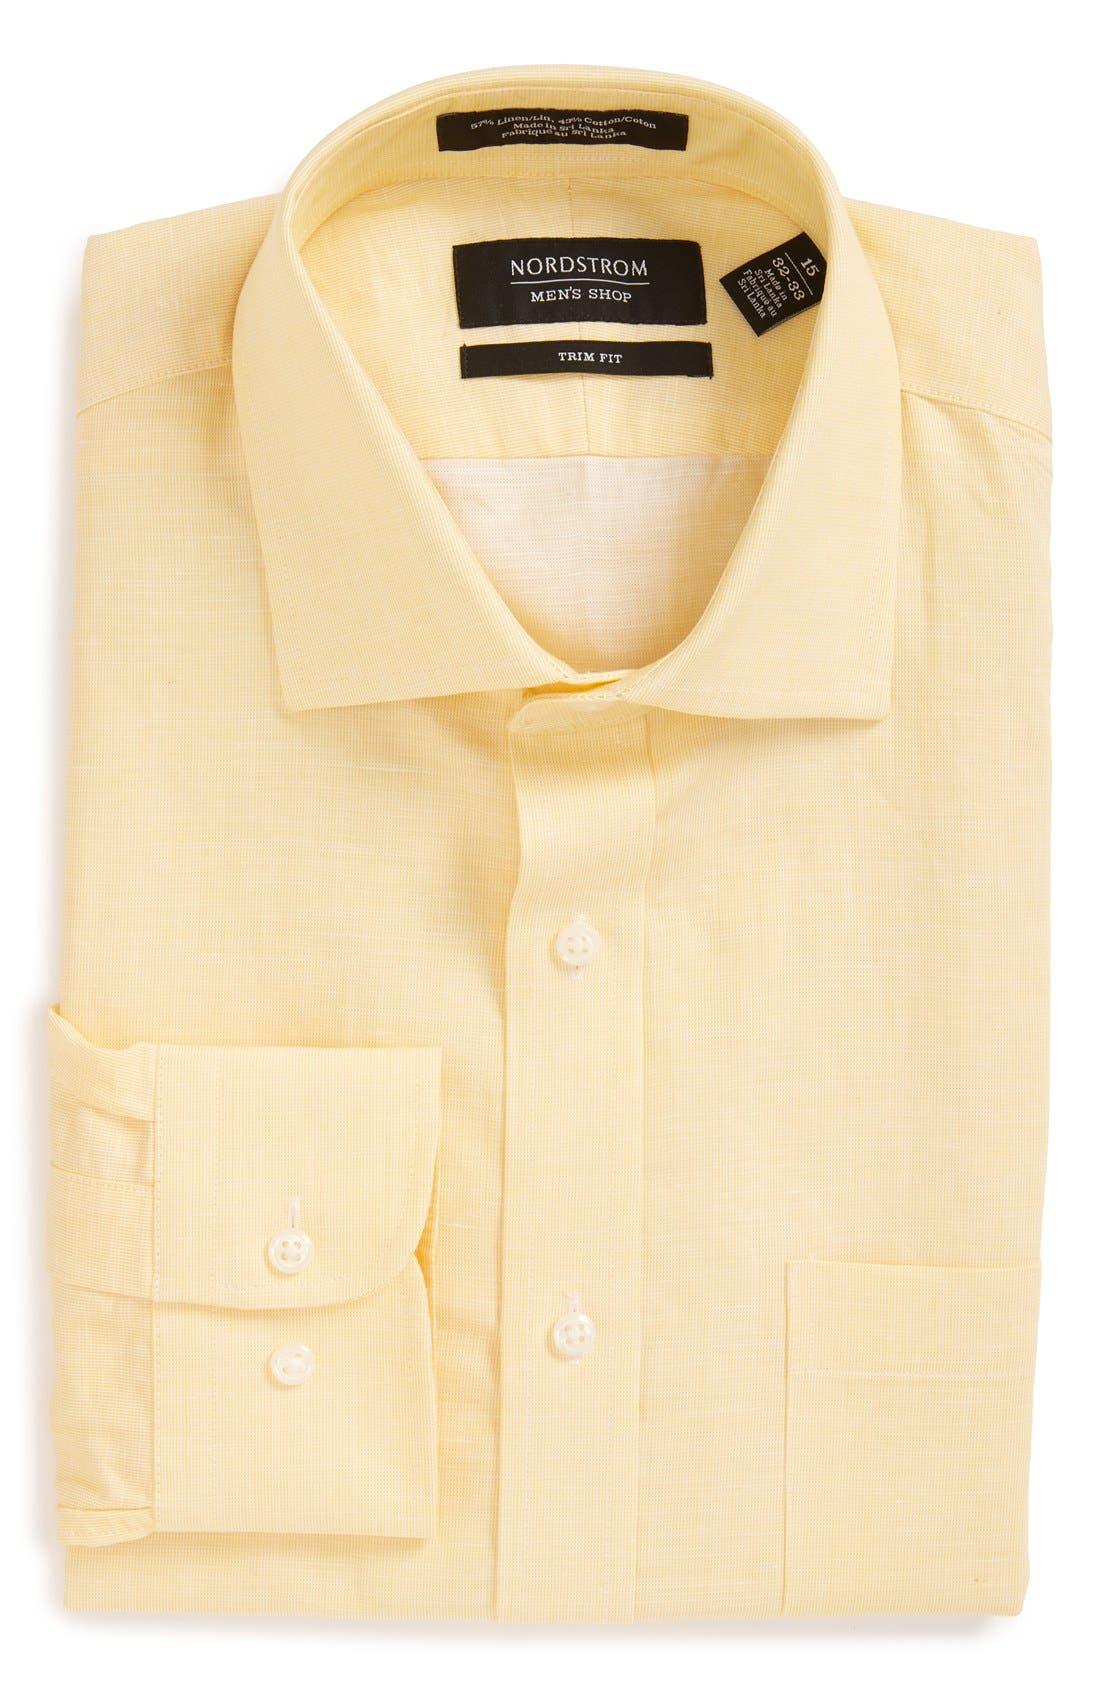 Nordstrom Men's Shop Trim Fit Solid Linen & Cotton Dress Shirt